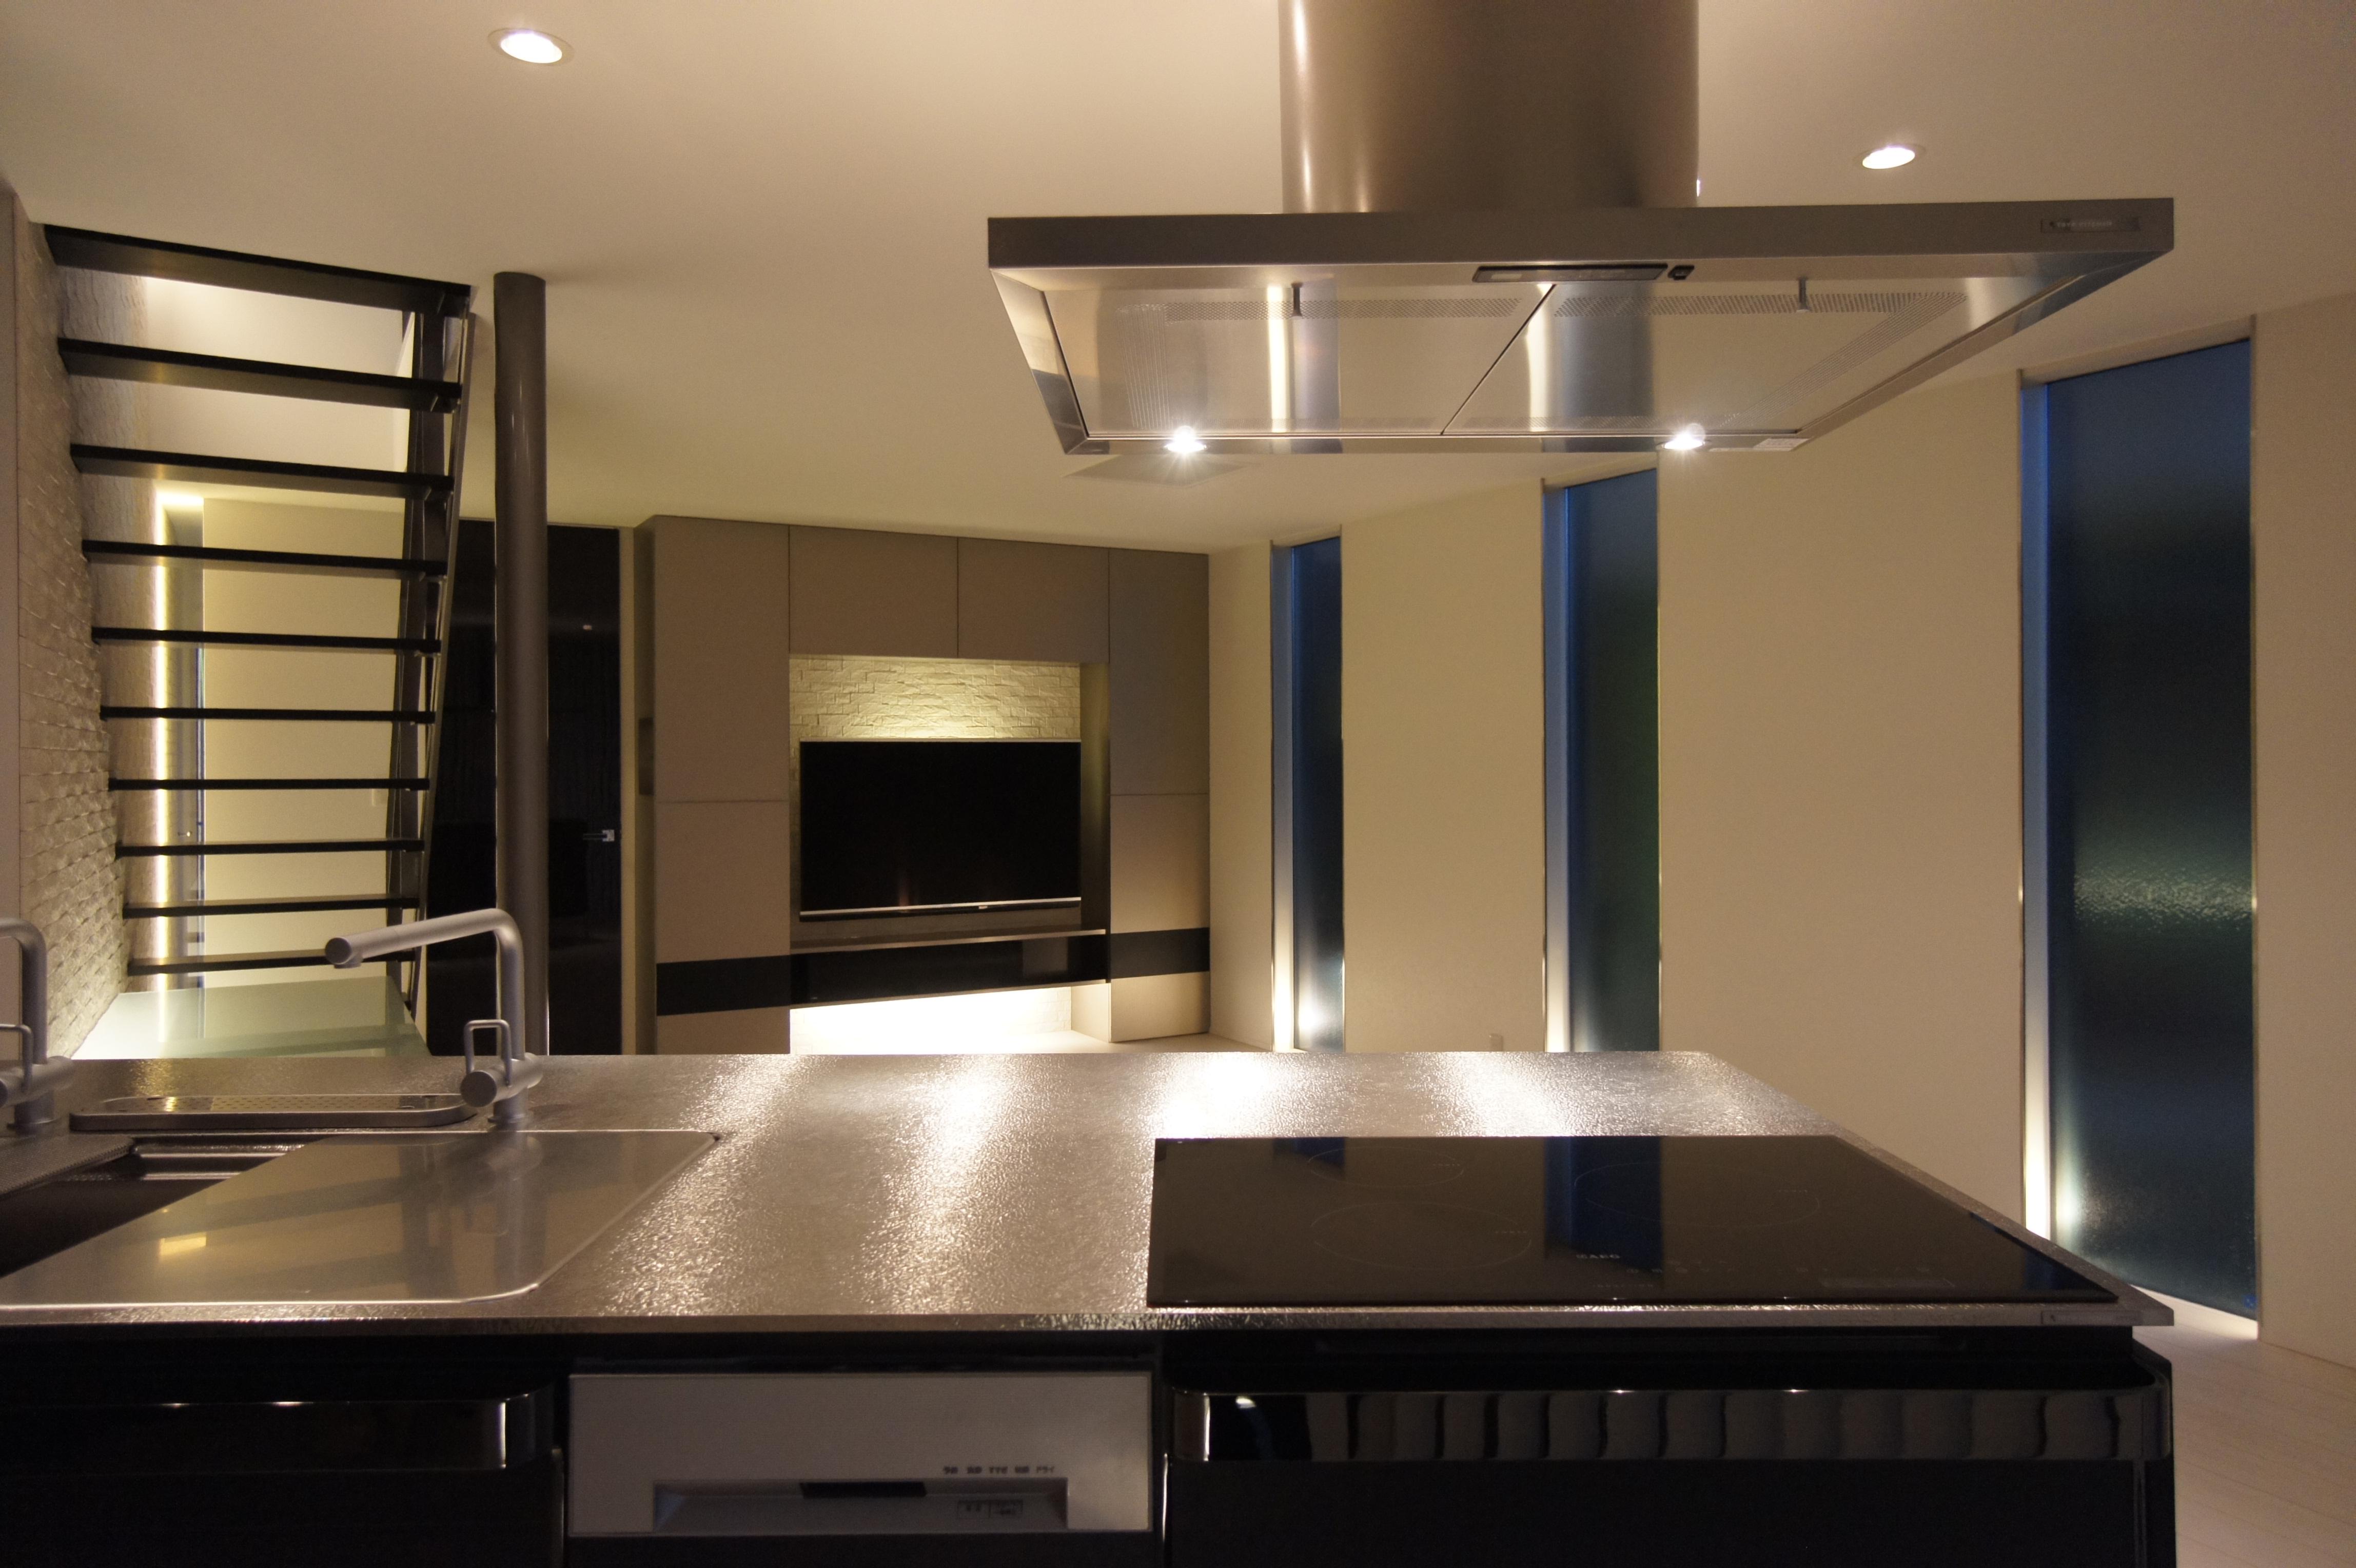 アイランドキッチンと間接照明が彩る非日常感あふれる家 | 三条市|B様邸